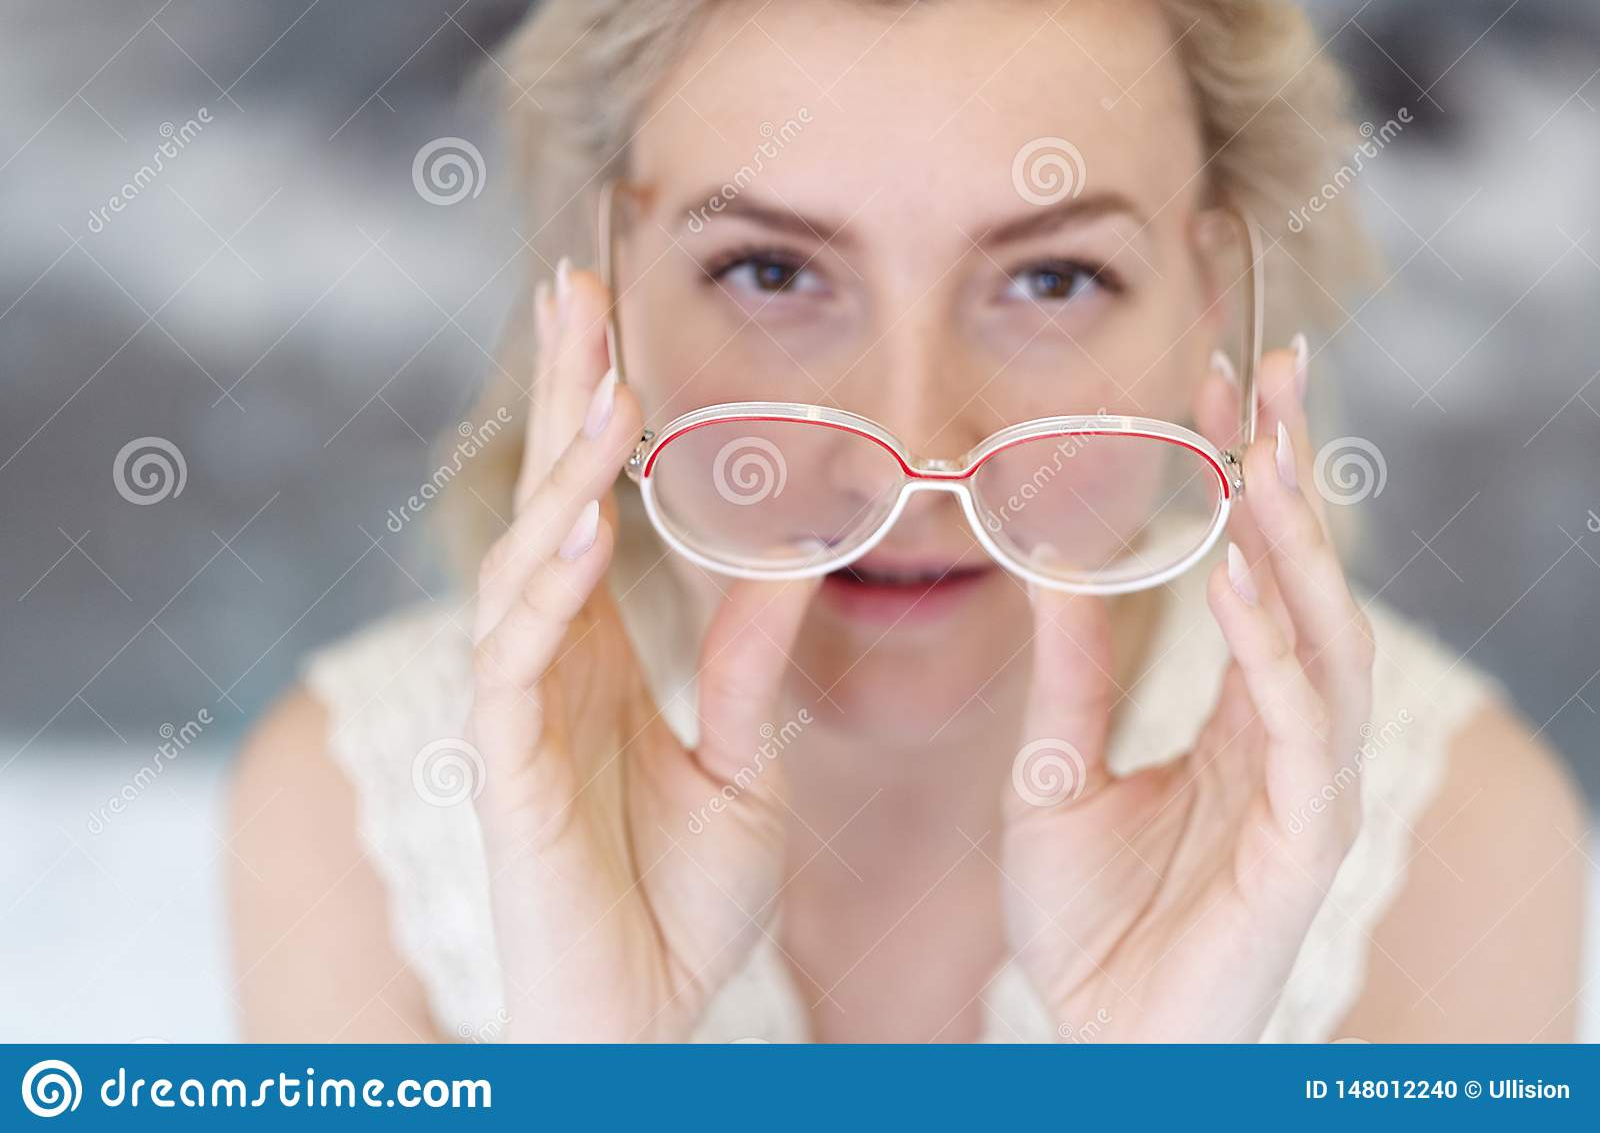 Porträt einer jungen Frau mit den Gläsern und blondem Haar, welche die Gläser vor ihrem Gesicht, ihr Gesicht unscharf halten